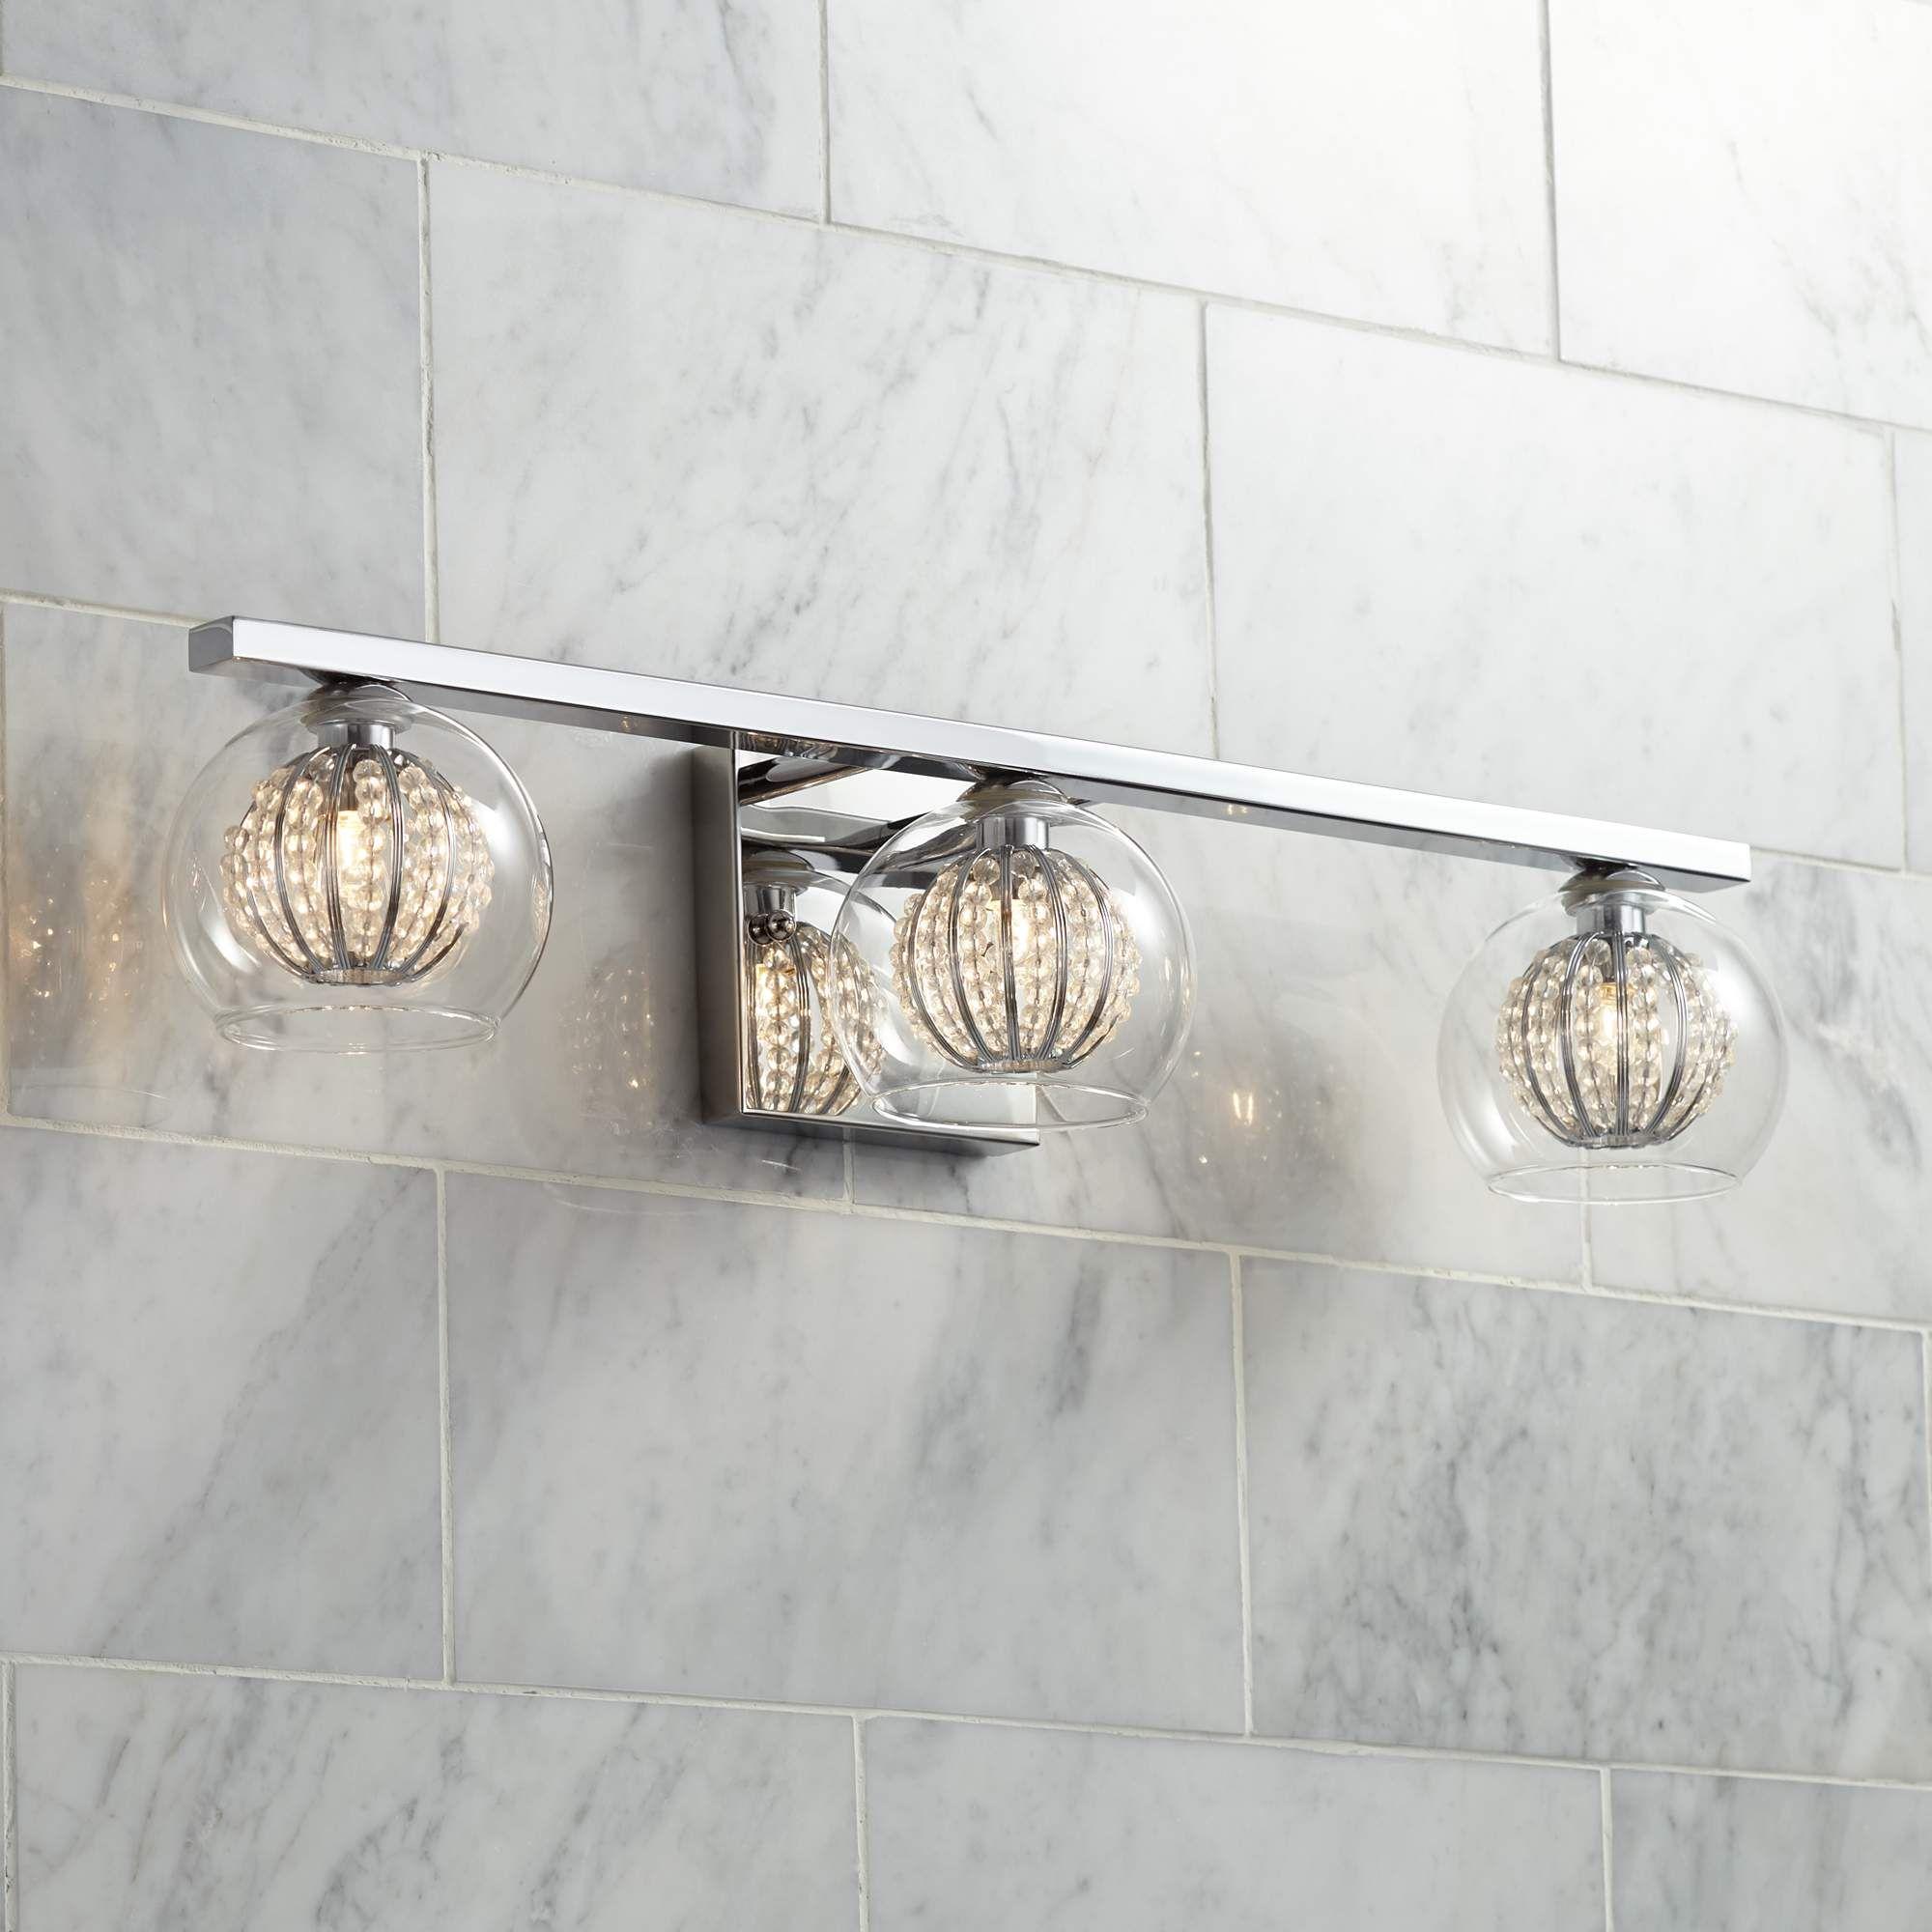 Possini Euro Onida Crystal Glass 23 1 | Bathroom | Pinterest ...